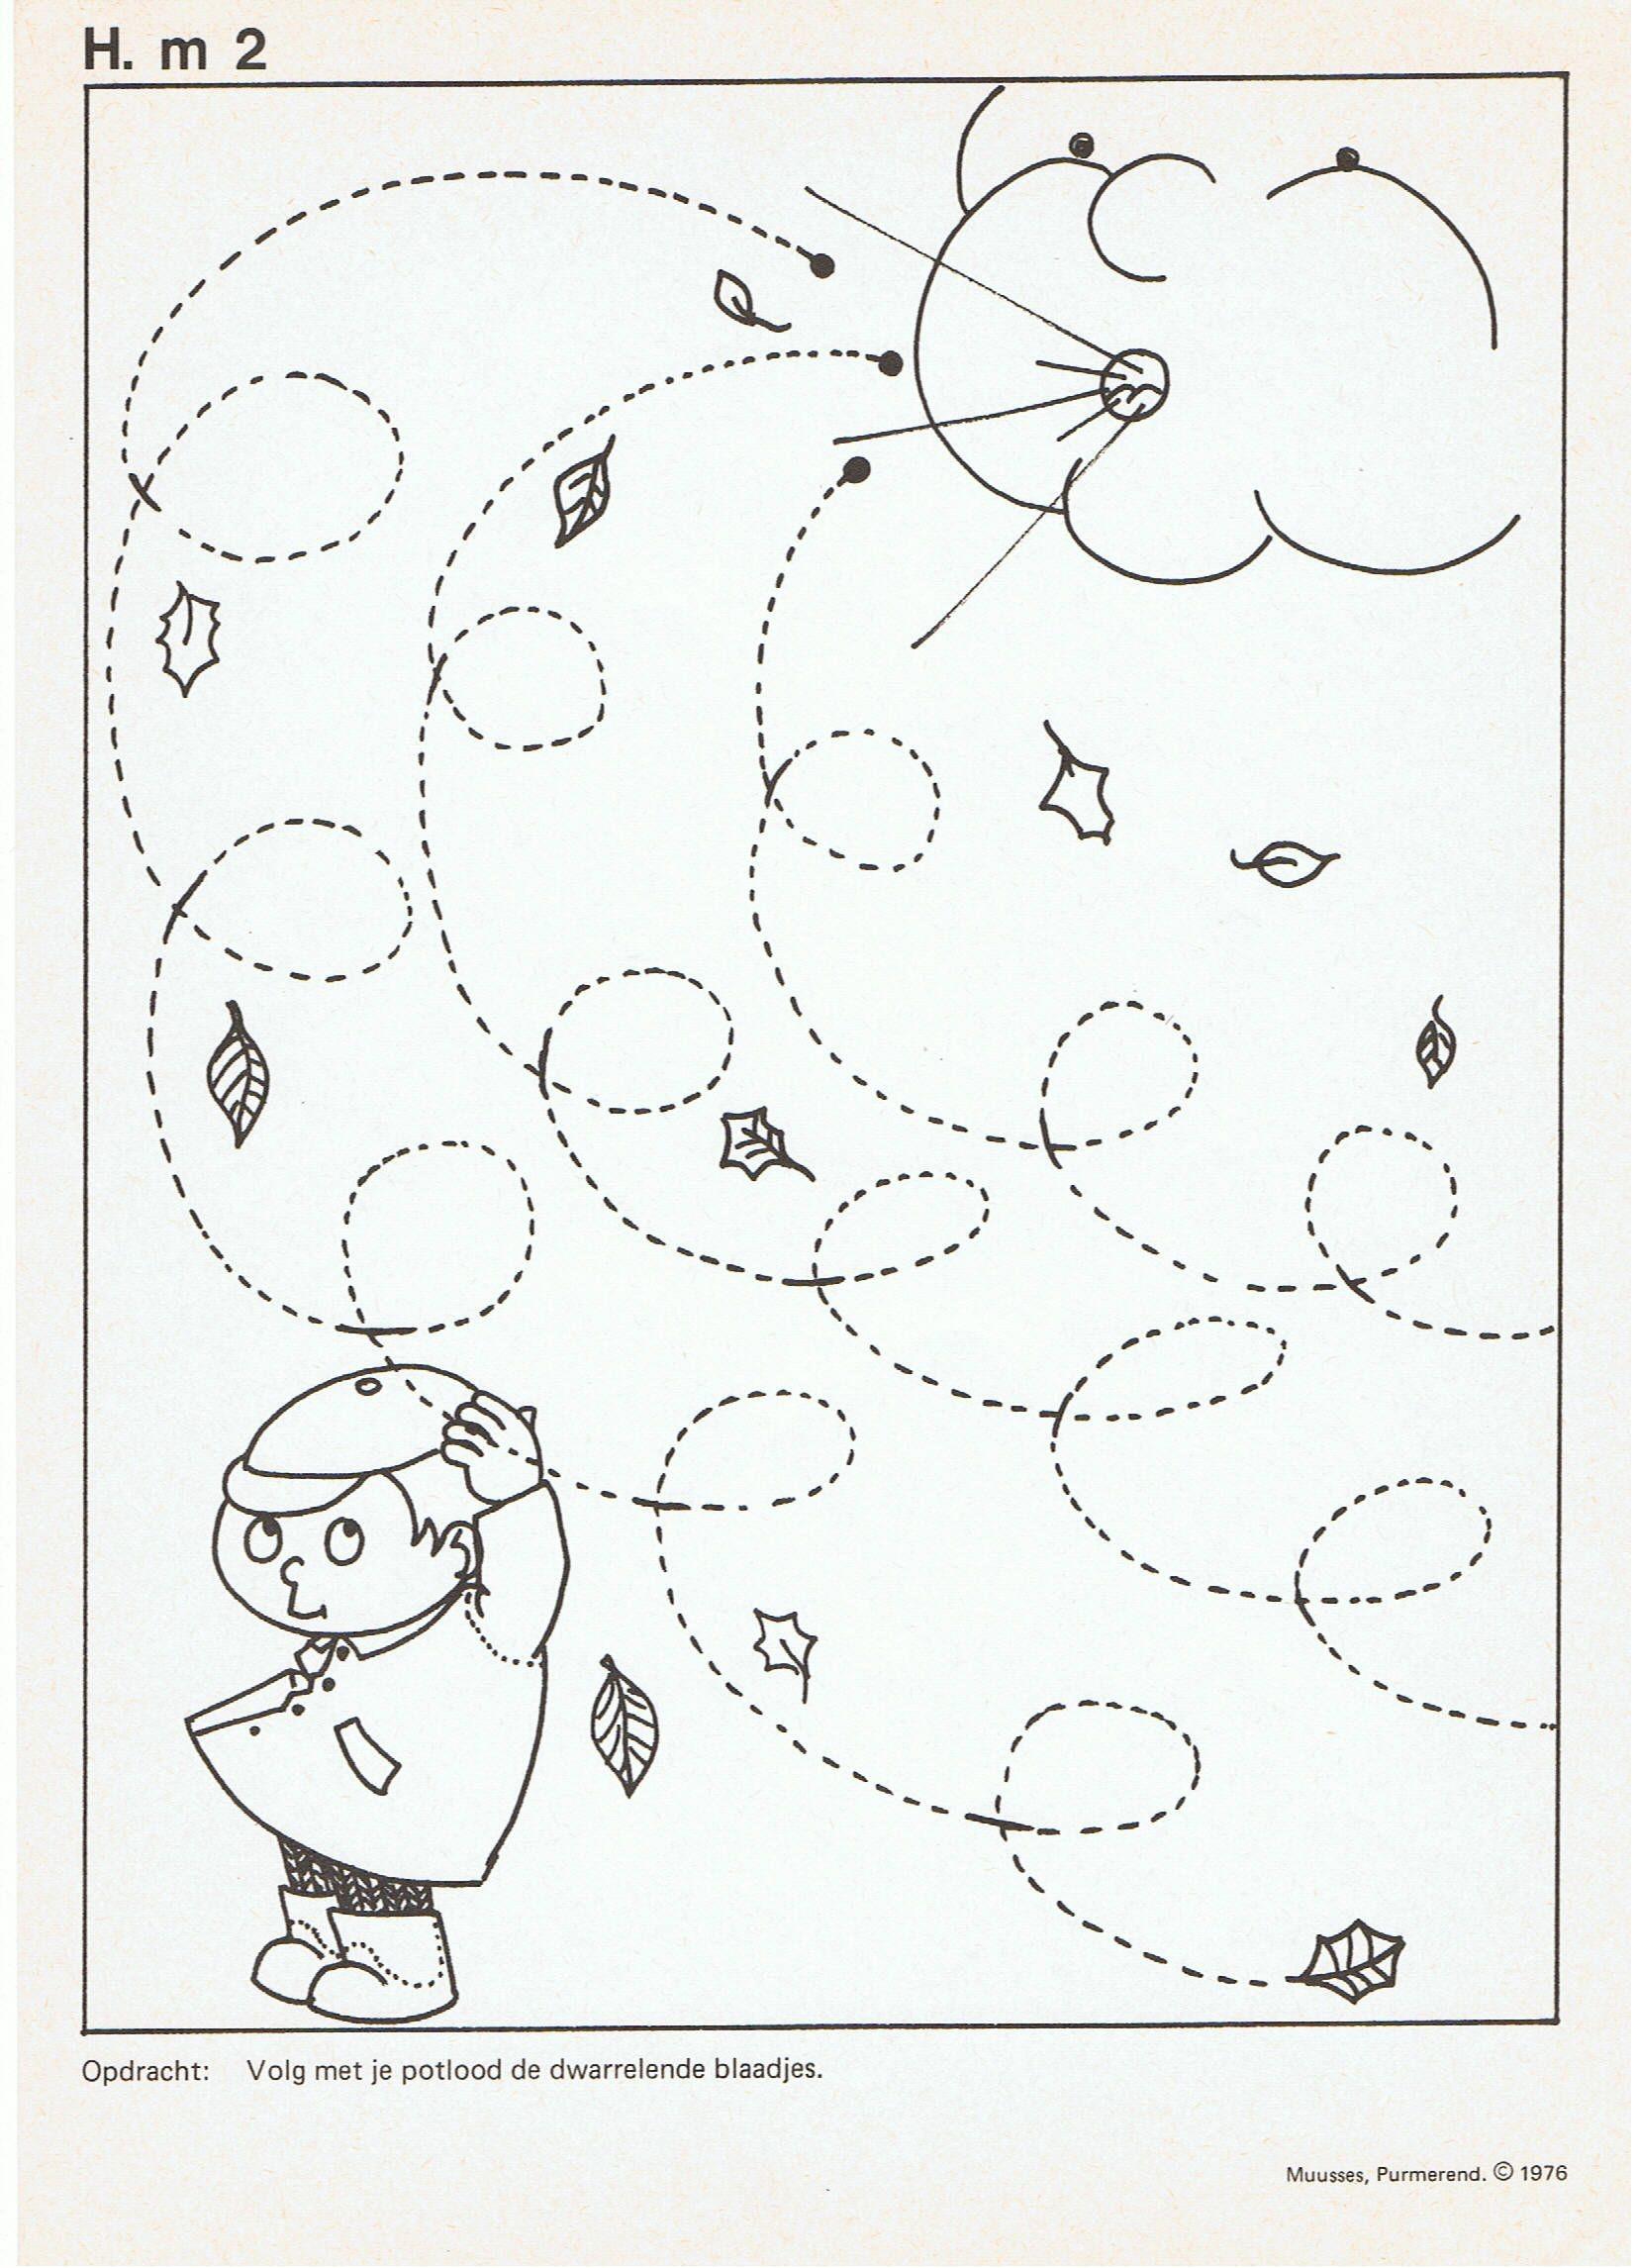 Calendario Infantil 2019 Para Imprimir Y Colorear Más Recientes Pin De Yaneth Gutierrez En Religion Pinterest Of Calendario Infantil 2019 Para Imprimir Y Colorear Recientes Pin De Zuriiana Tisdale Morris En Preescolar Pinterest